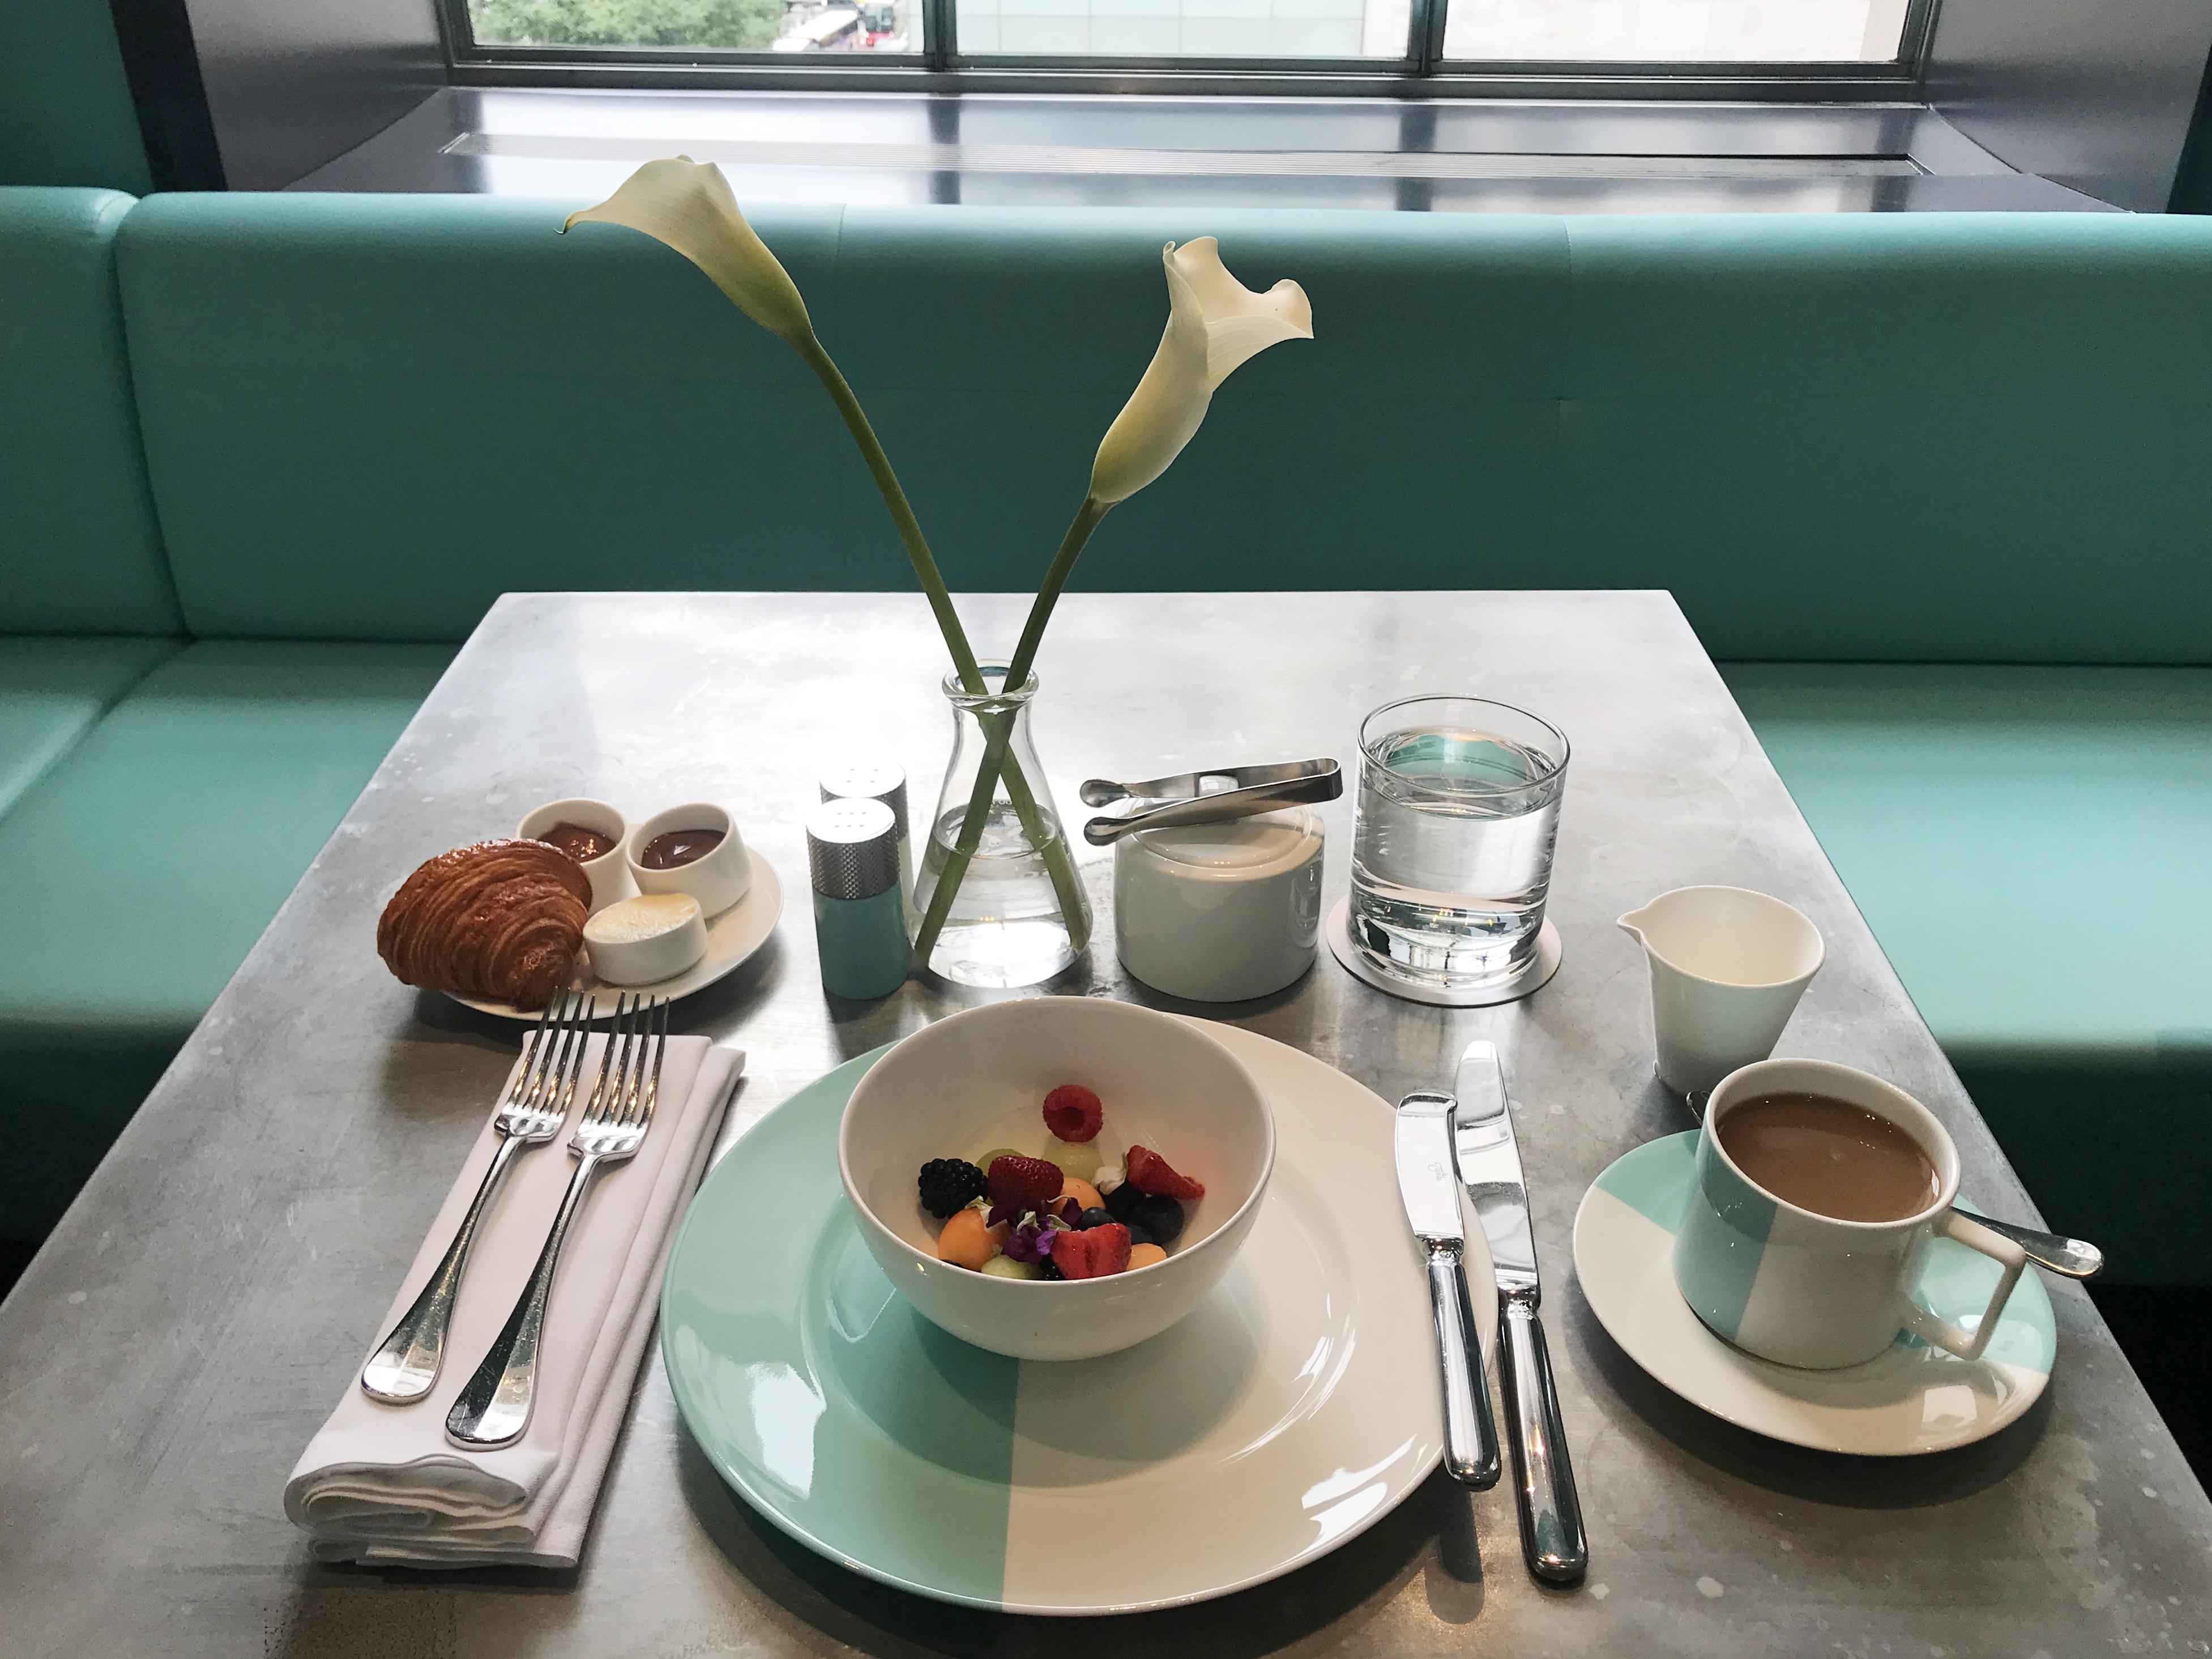 c96c5db0c4b3e What it's like to have breakfast at Tiffany's - The Washington Post